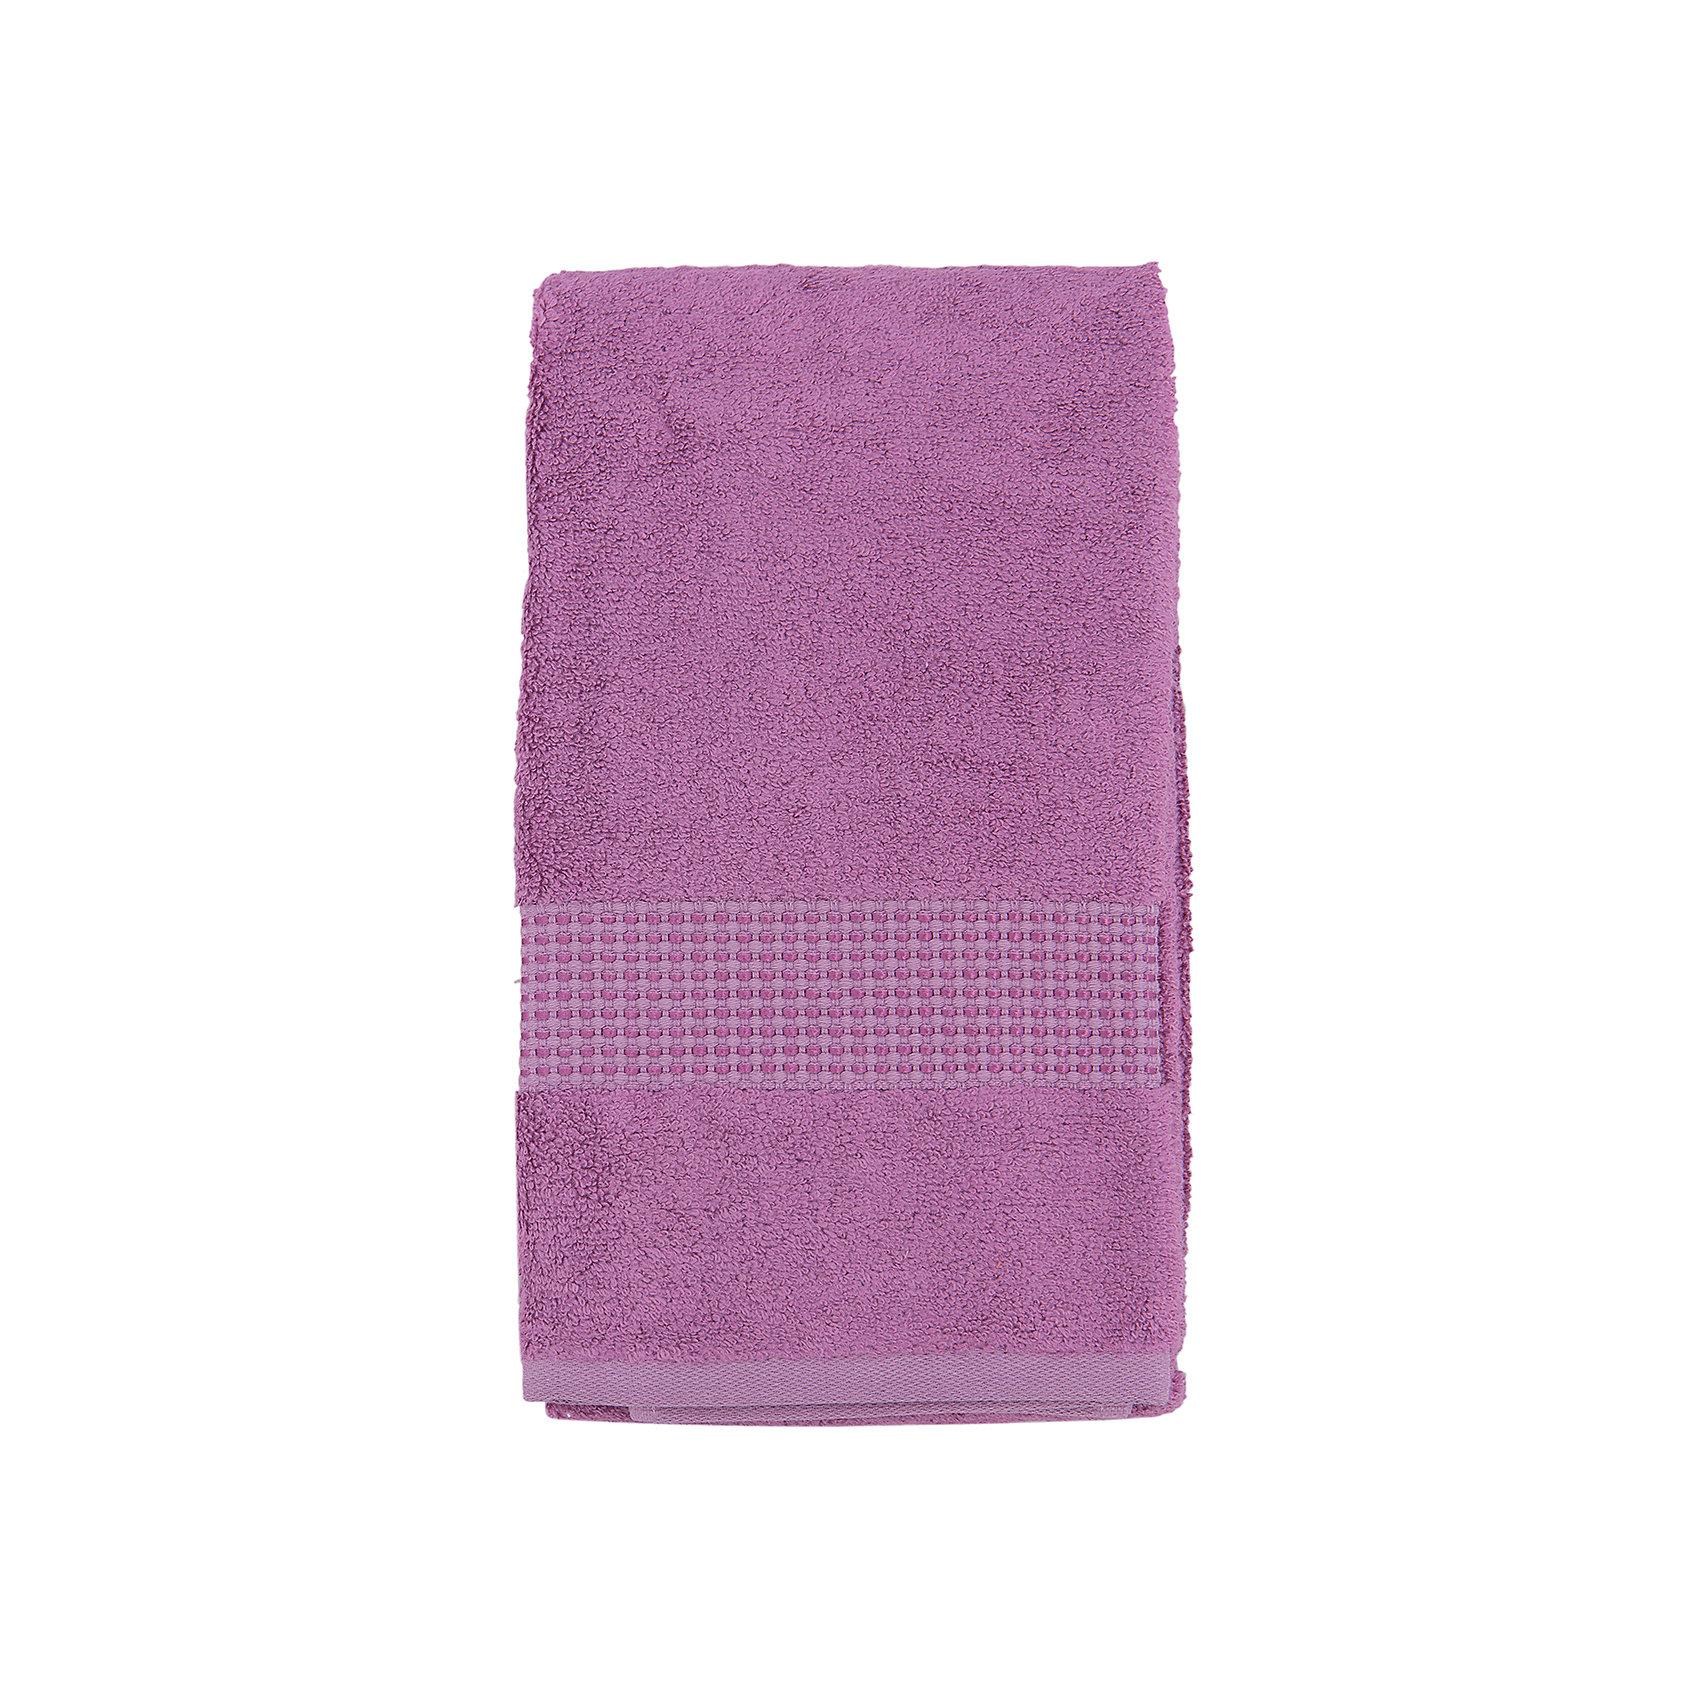 TAC Полотенце ELMORE махровое 50*90 Бамбук, TAC, фиолетовый tac полотенце bloom махровое 50 90 бамбук tac сиреневый